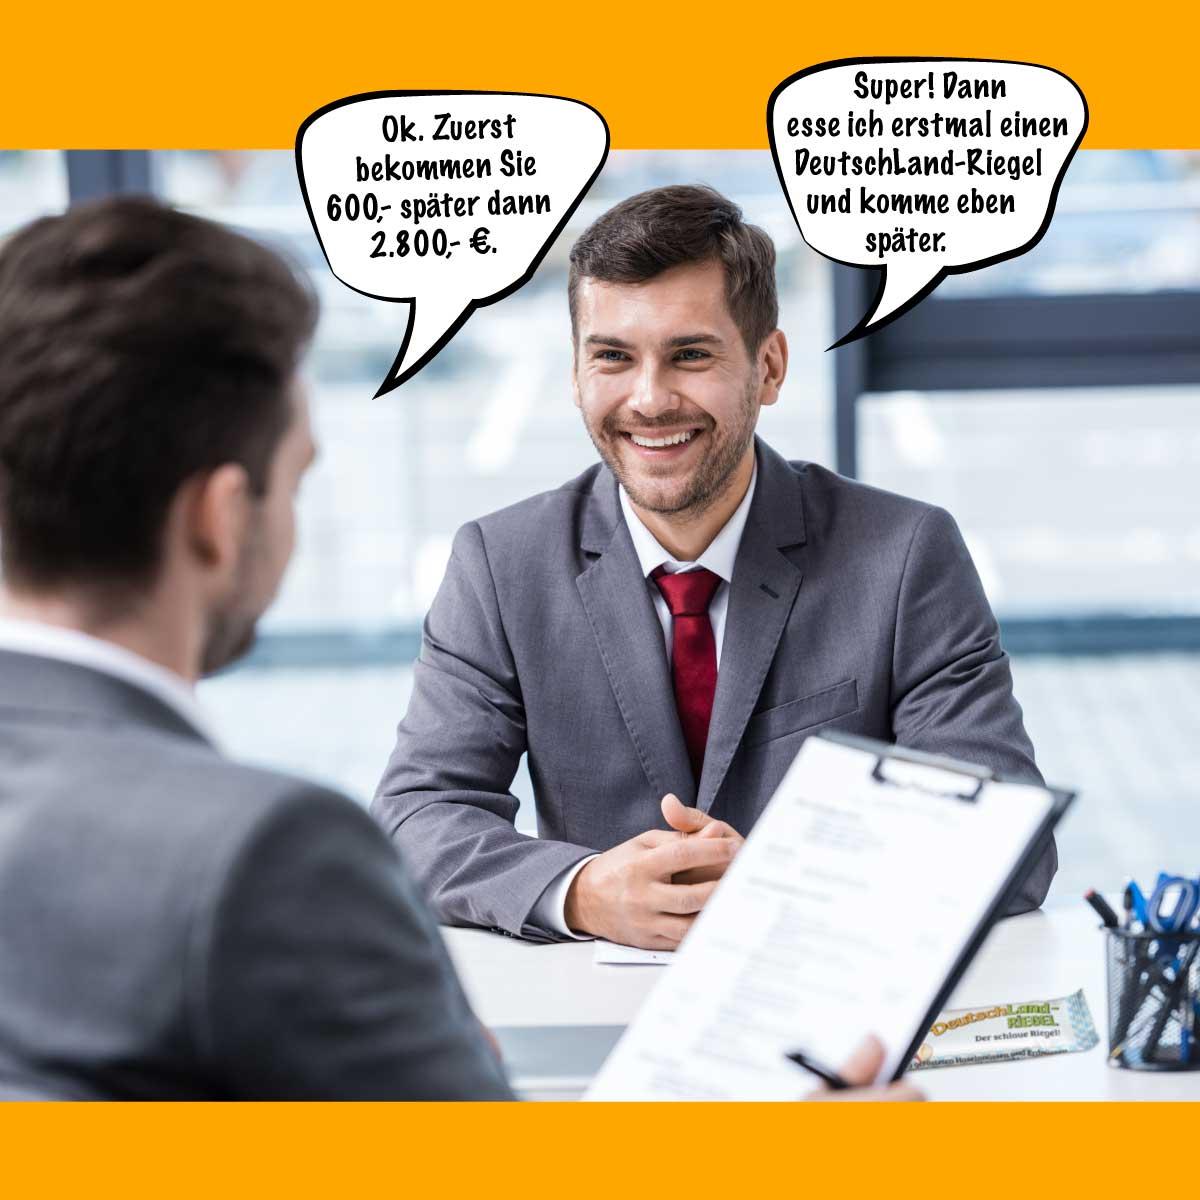 Meme, Bewerbungsgespräch, Wenns ums Geld geht, locker bleiben, Spaßm Fun, lustig